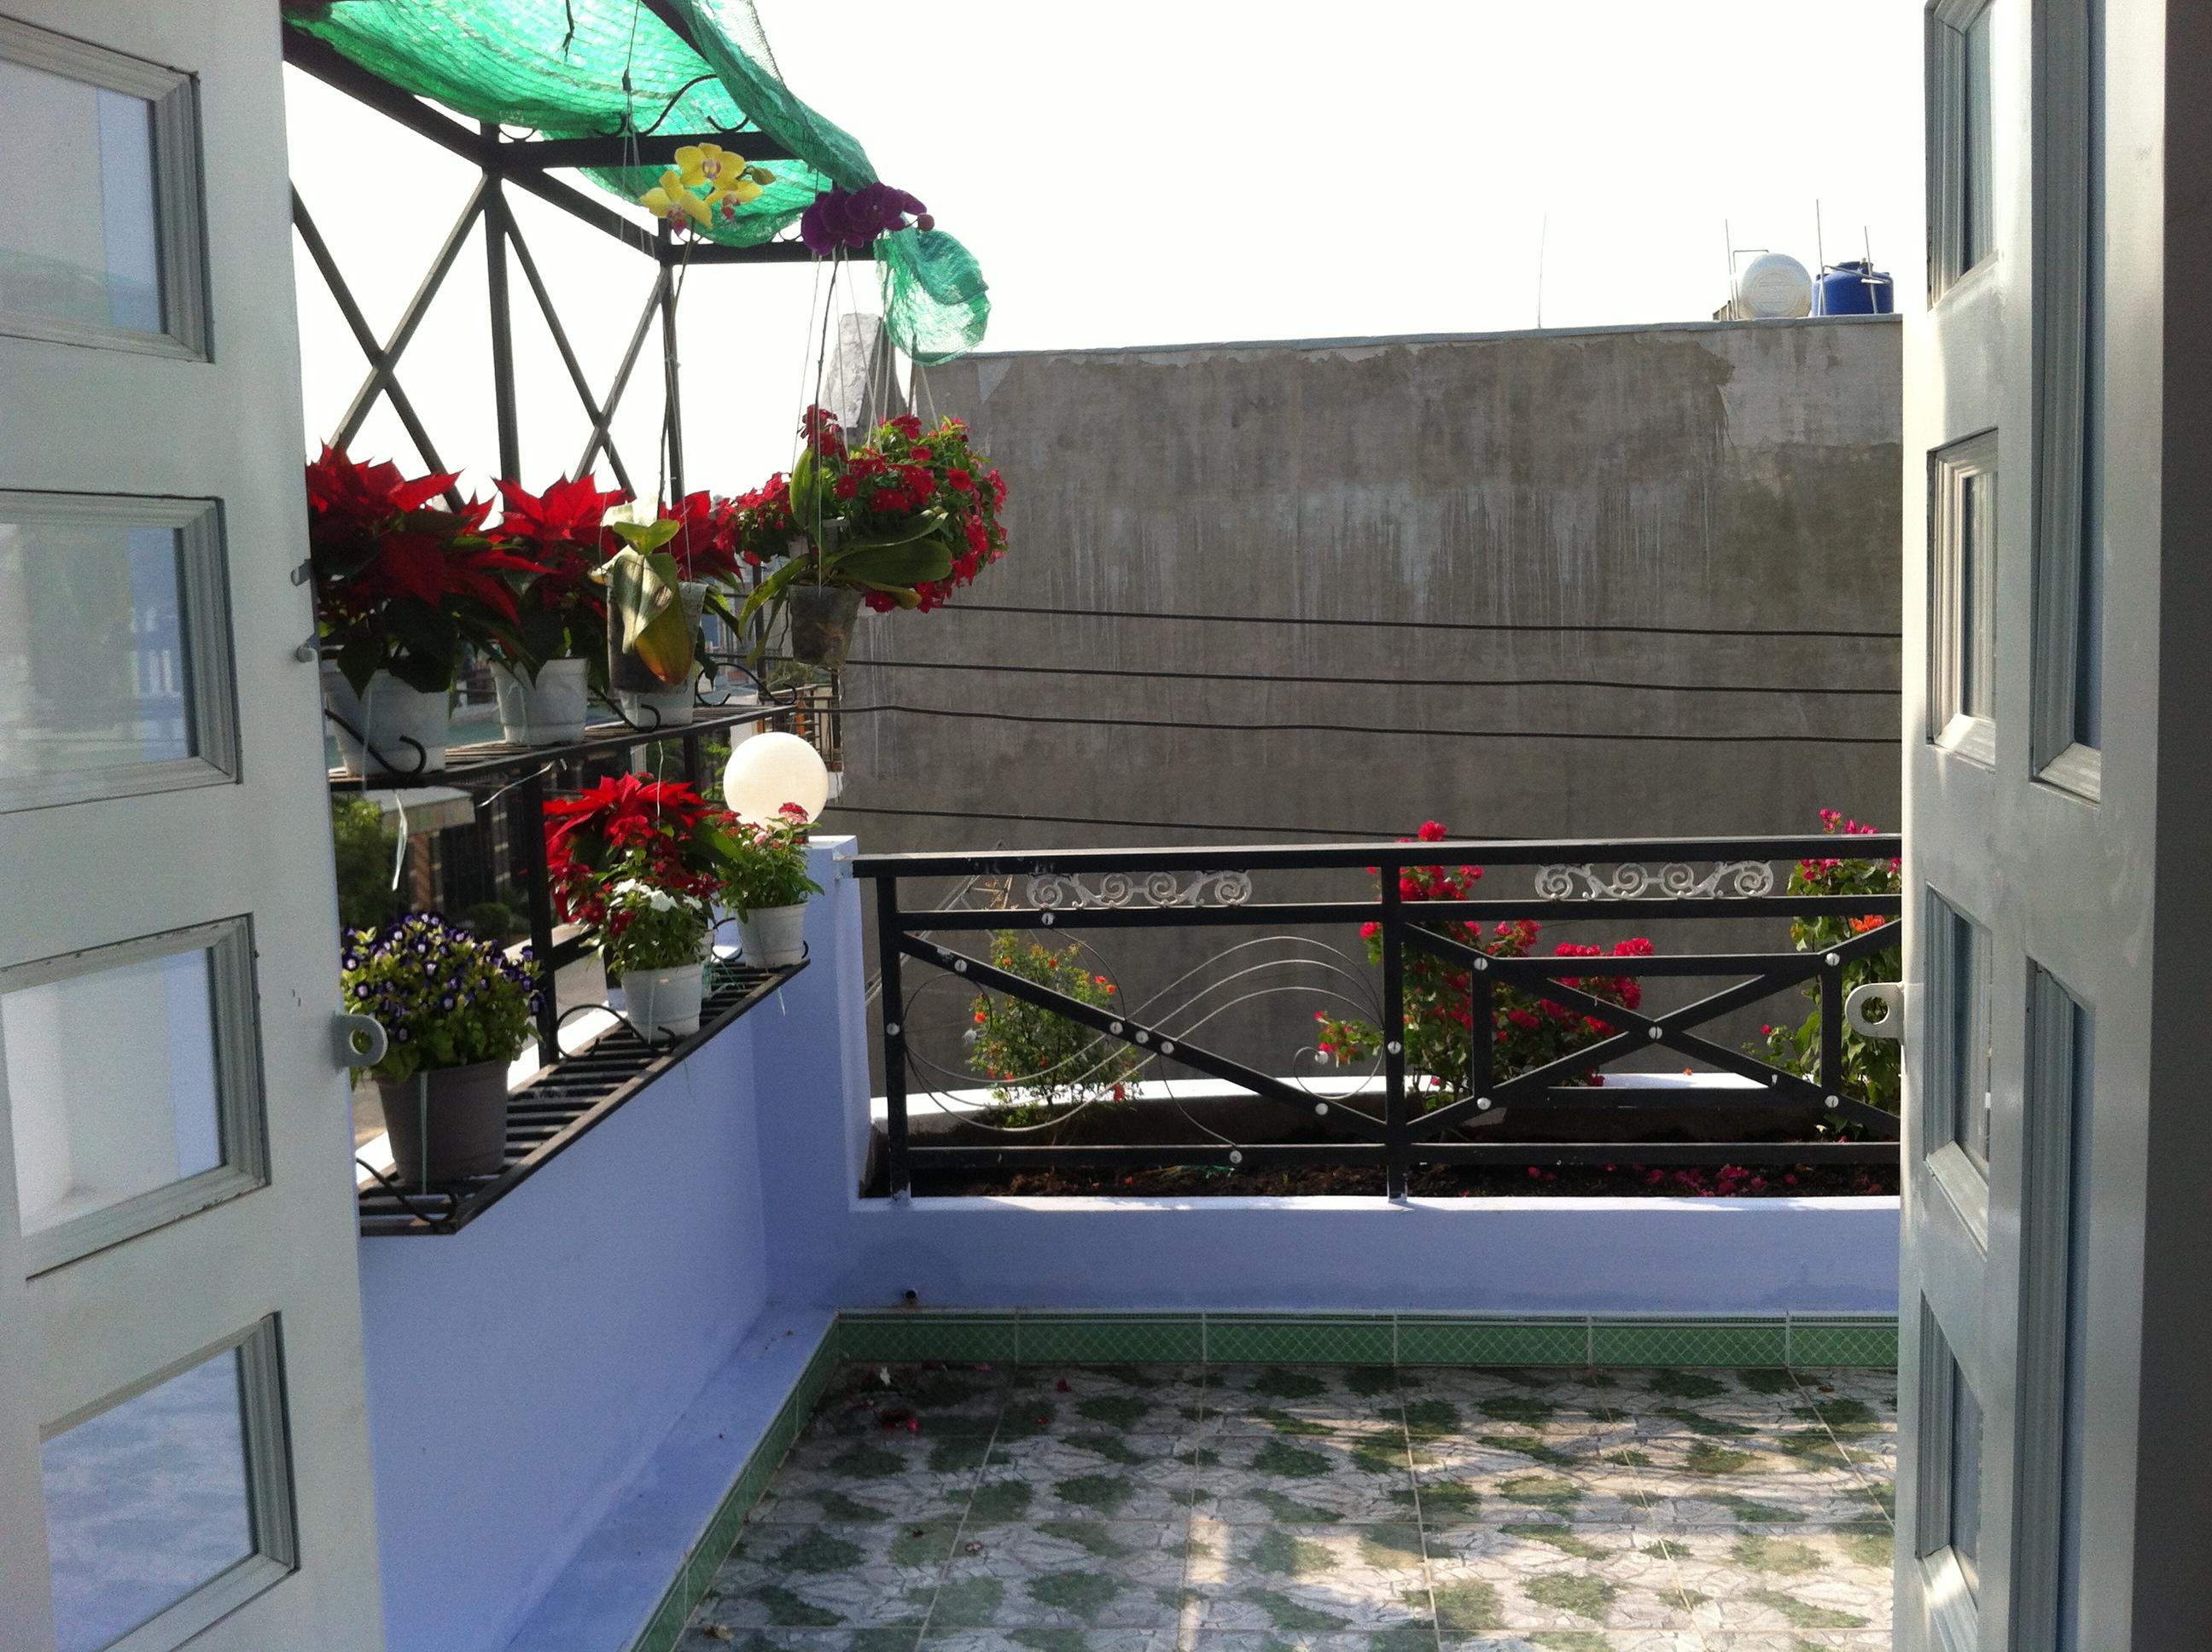 sân thượng Nhà cần bán nằm ngay cổng sau KCN Visip , KCN Vietnam singapore. KCN sóng thần 1,2 thị xã dĩ an